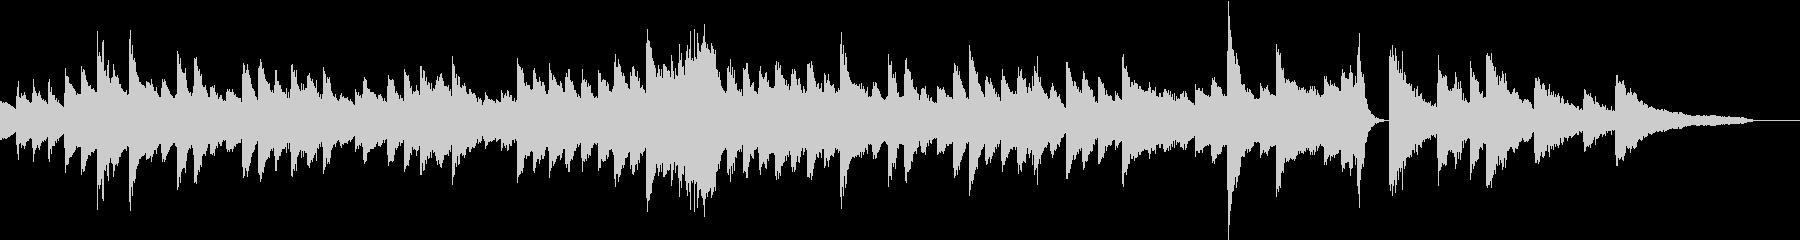 壮大なメロディの清々しいピアノジングルの未再生の波形